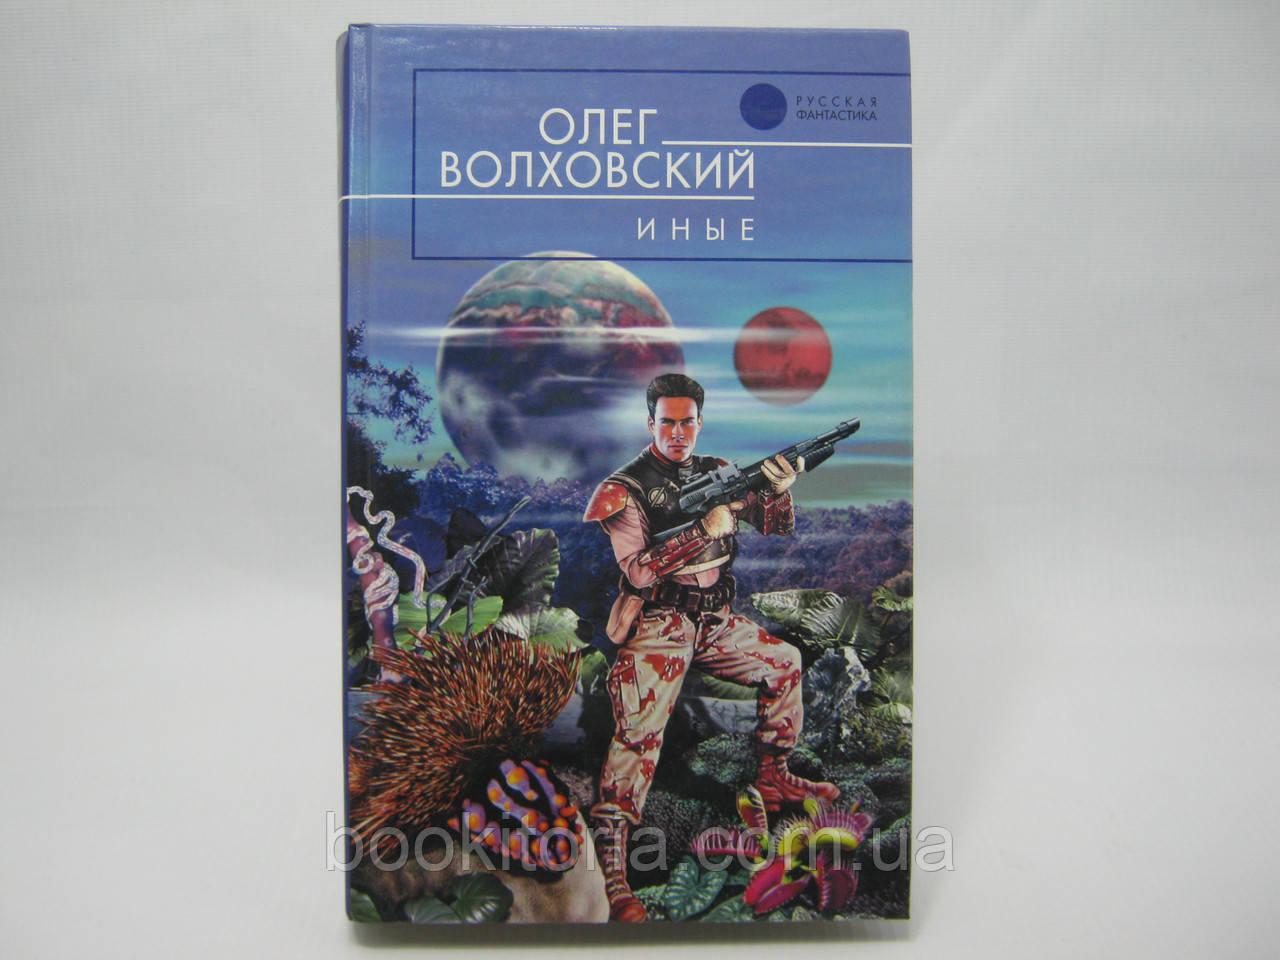 Волховский О. Иные. Фантастический роман (б/у).